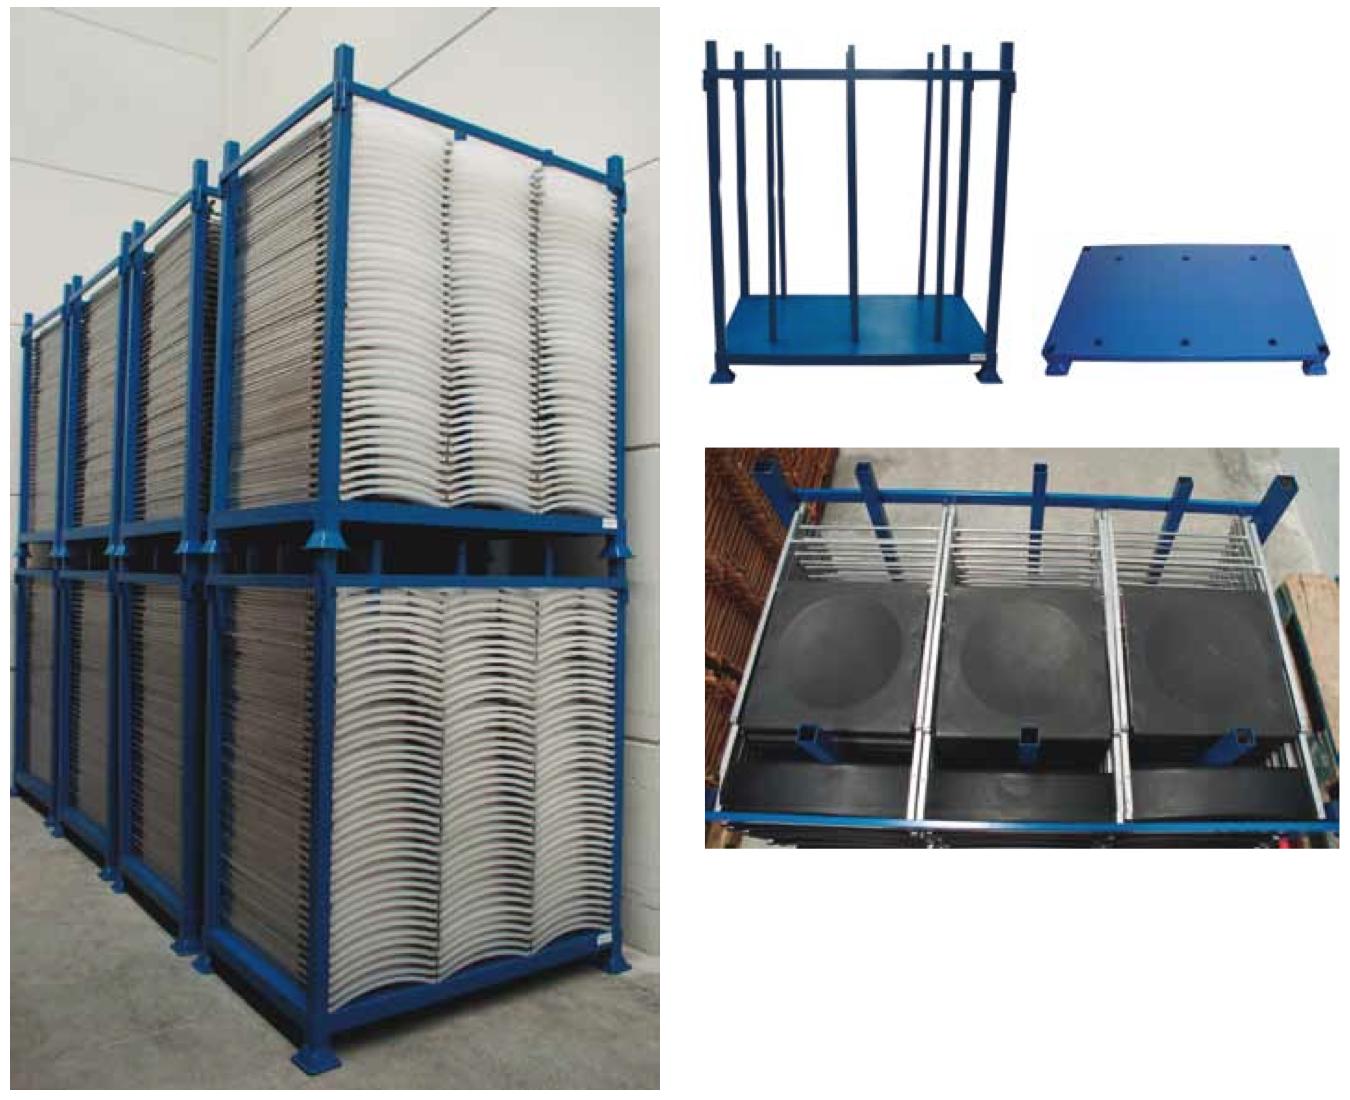 Contenedor met lico desmontable y apilable fabricaciones - Contenedores metalicos apilables ...